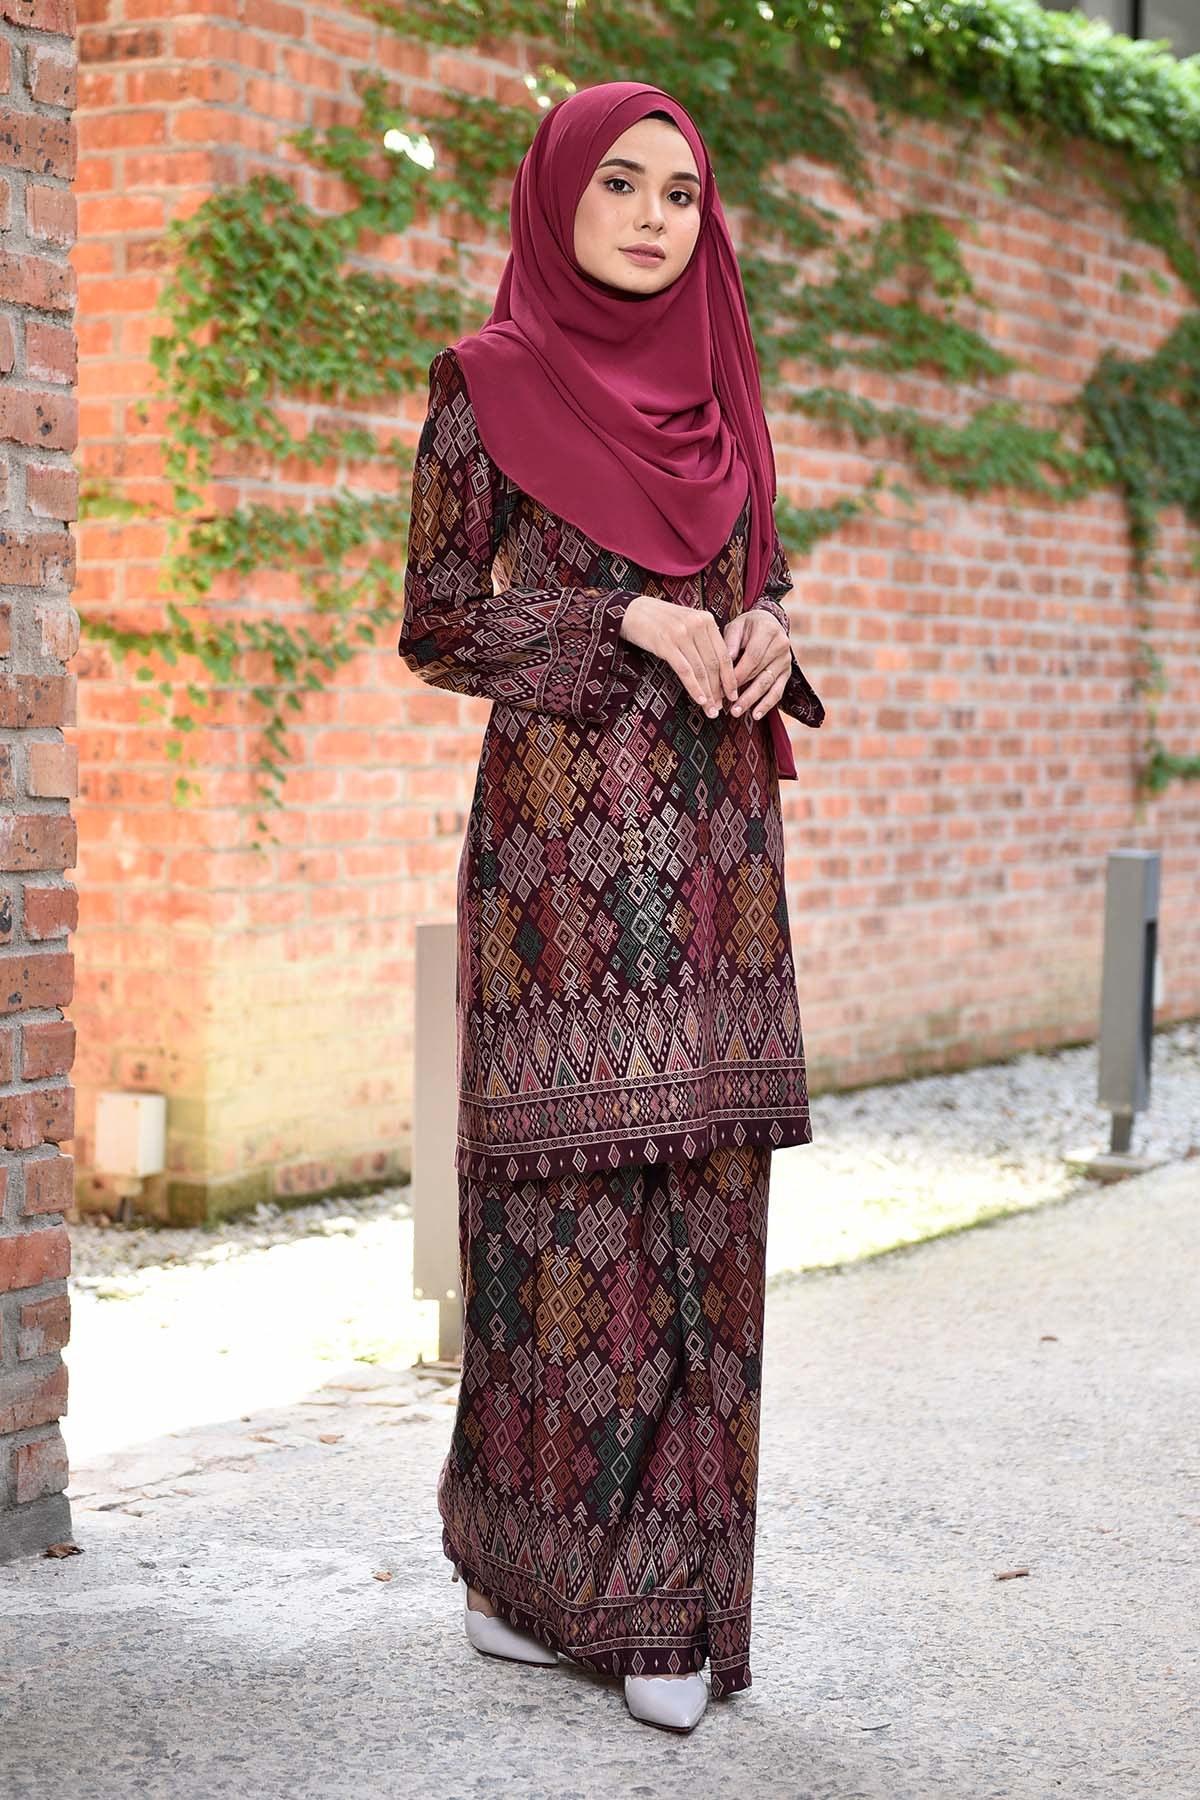 Model Model Baju Bridesmaid Hijab 2019 D0dg Baju Kurung songket Luella Deep Maroon